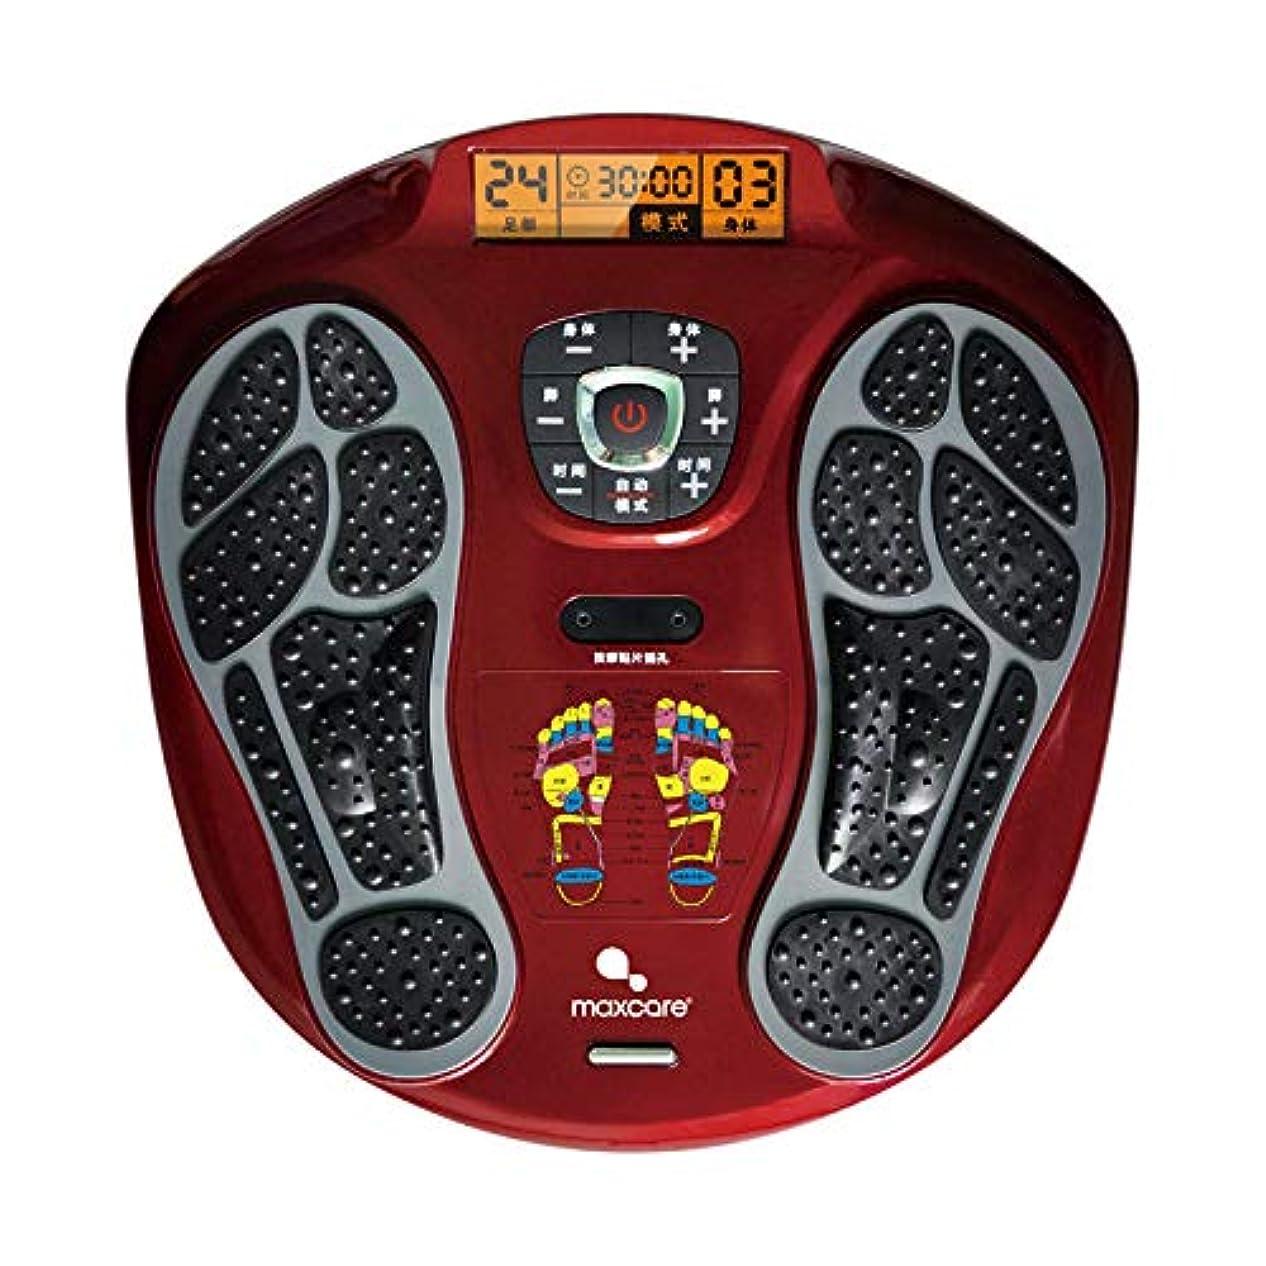 暗記するセンサークロール電気の フルフットマッサージ体験のための、熱付きフットマッサージャー、LEDディスプレイスクリーンリラックス疲れて痛む足 人間工学的デザイン